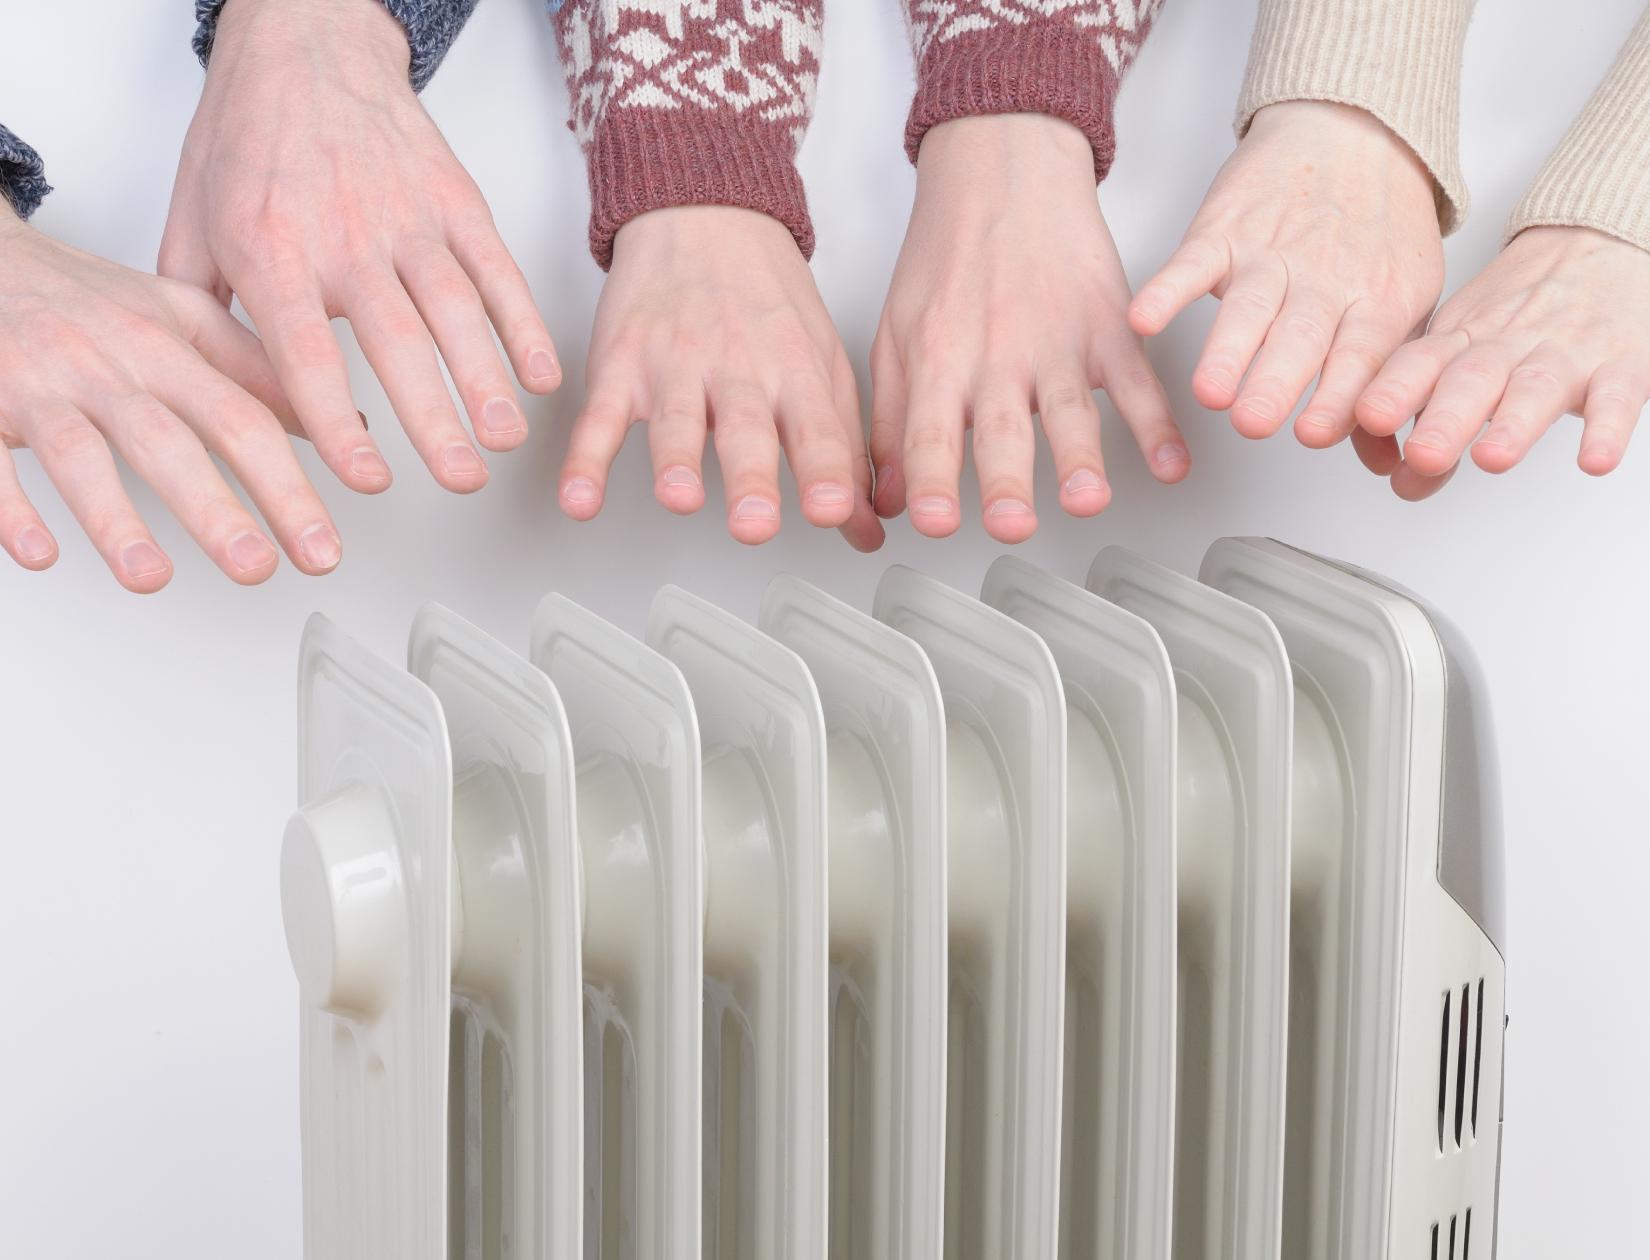 фотография: согреваем замерзшие руки